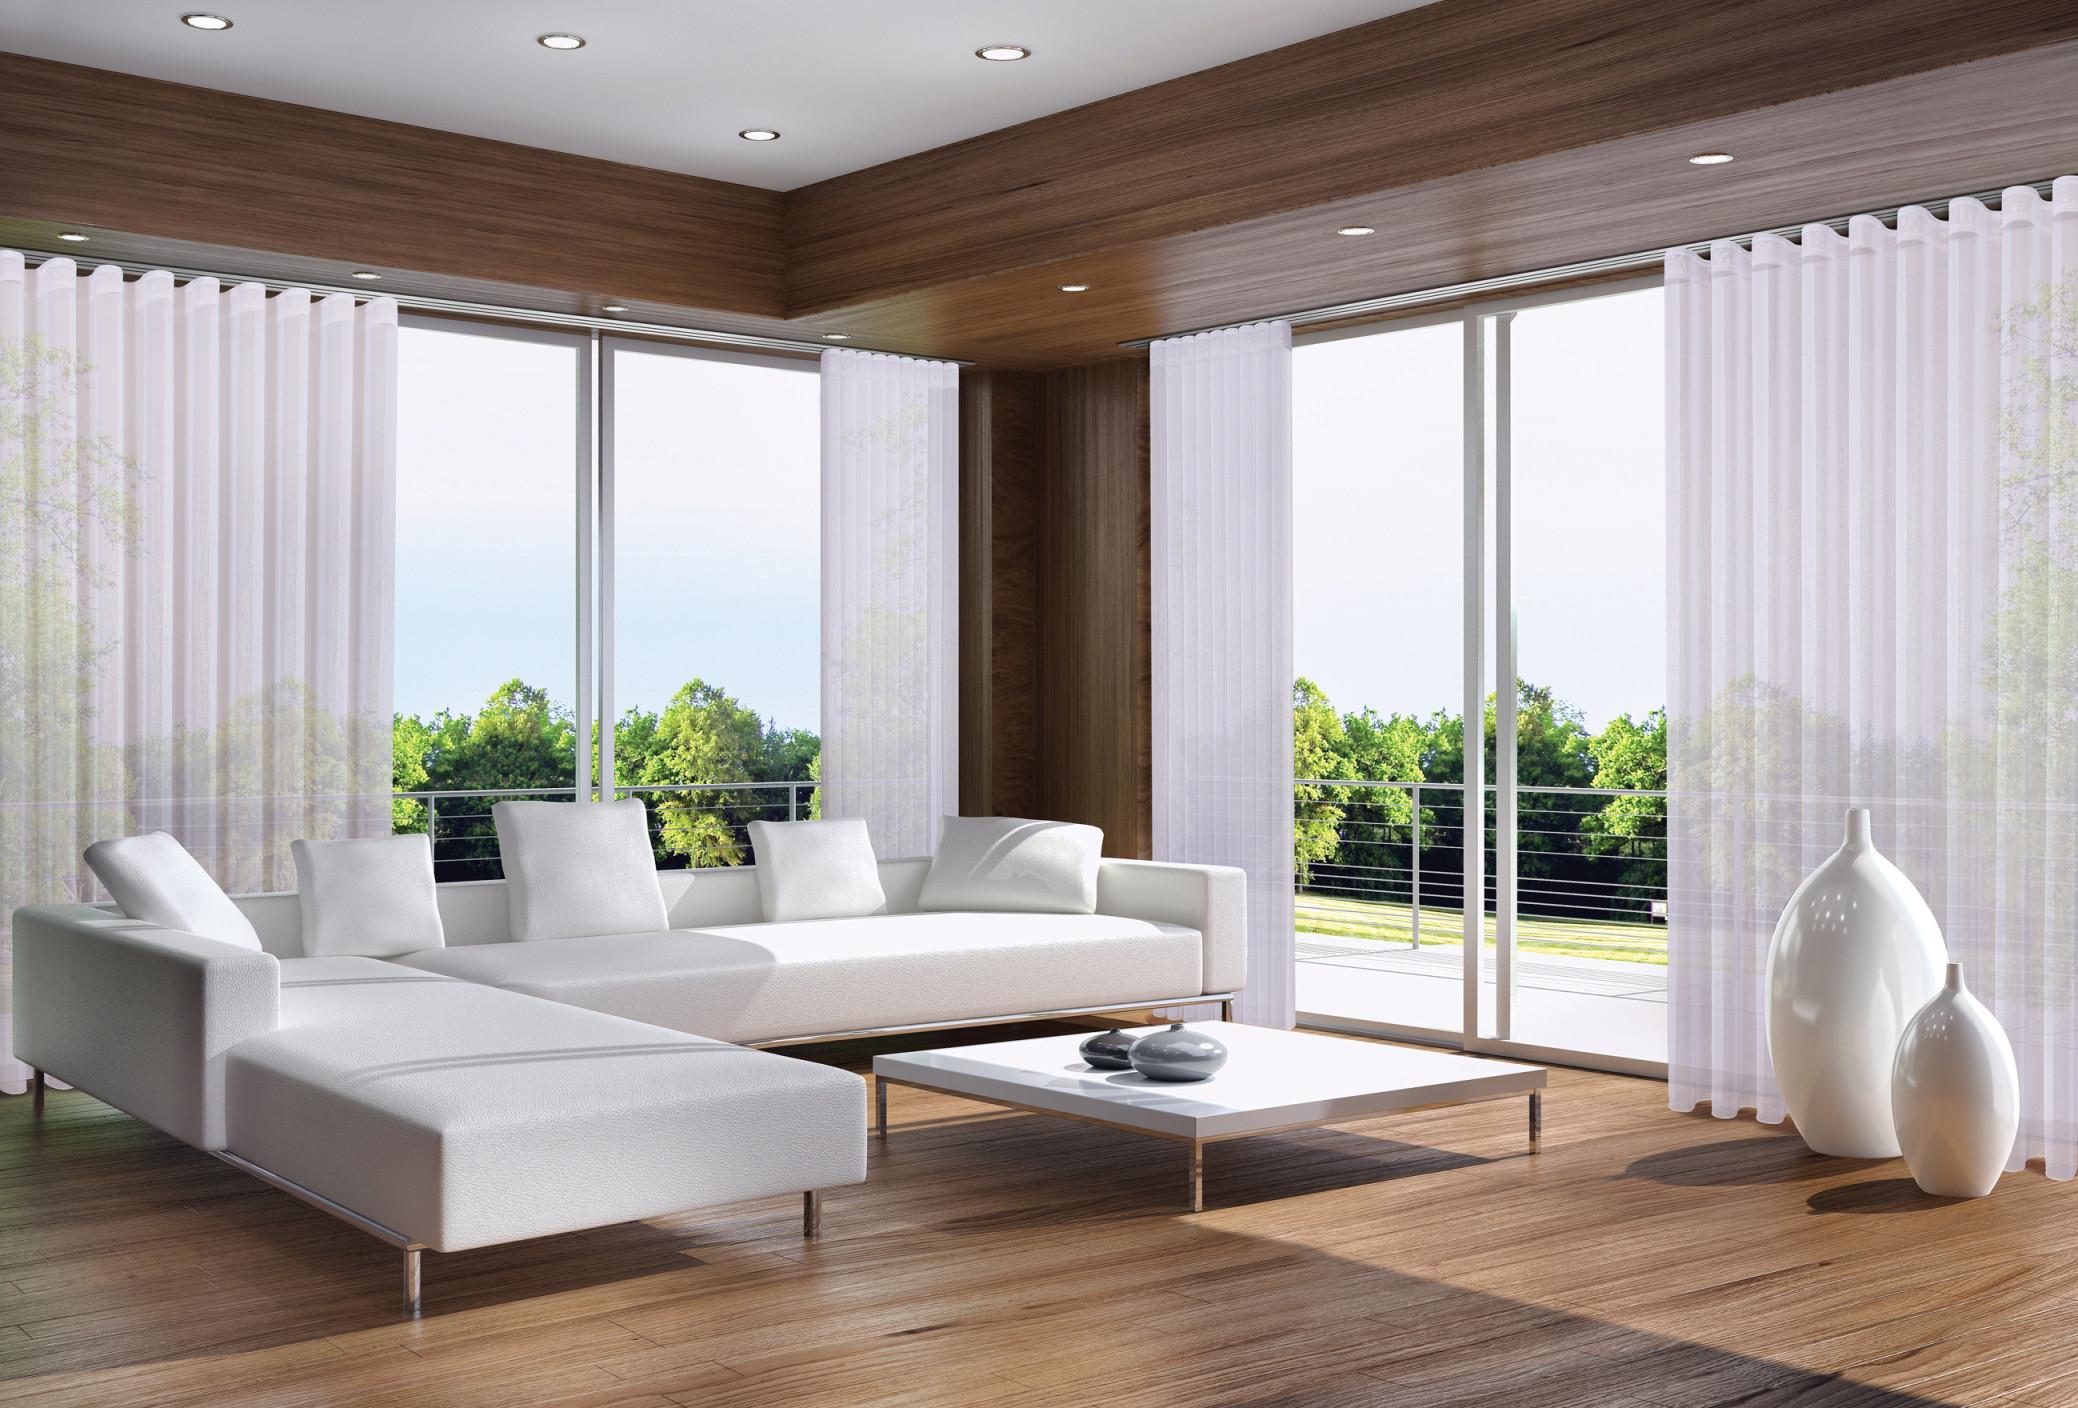 Gardinen Für Große Fensterfronten  Tipps Für Die Auswahl von Wohnzimmer Fensterfront Gardinen Bild